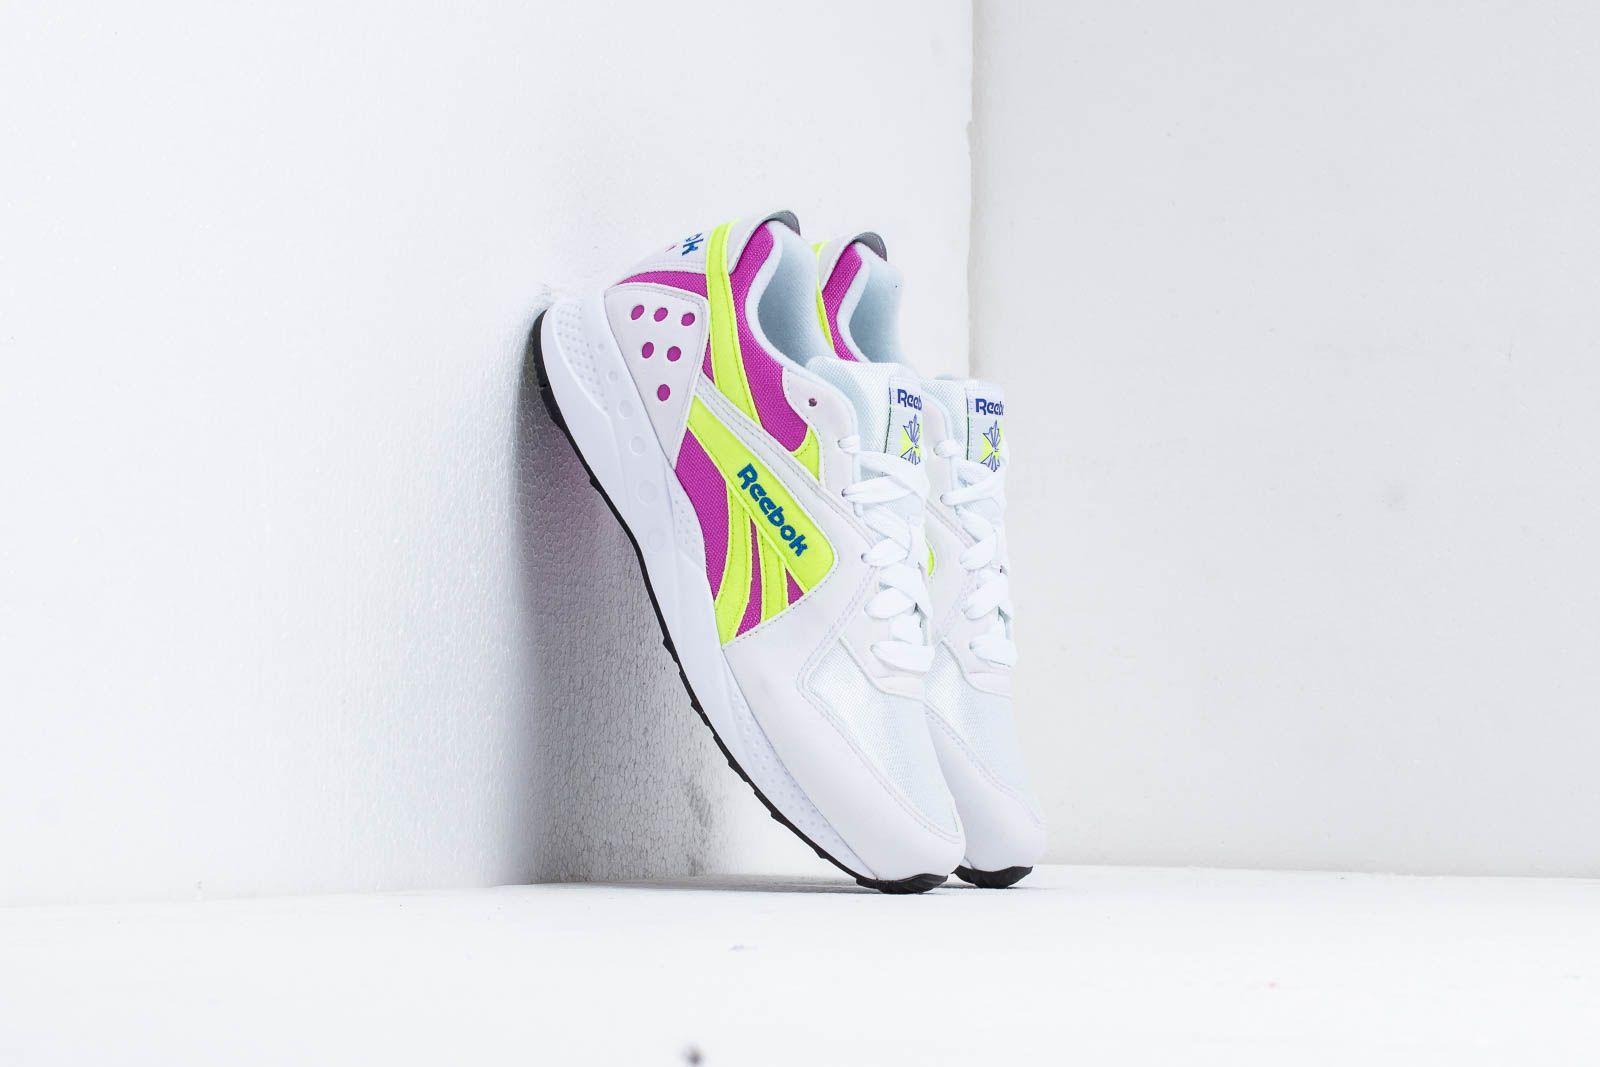 Reebok Pyro White/ Violet/ Neon/ Cobalt za skvelú cenu 86 € kúpite na Footshop.sk